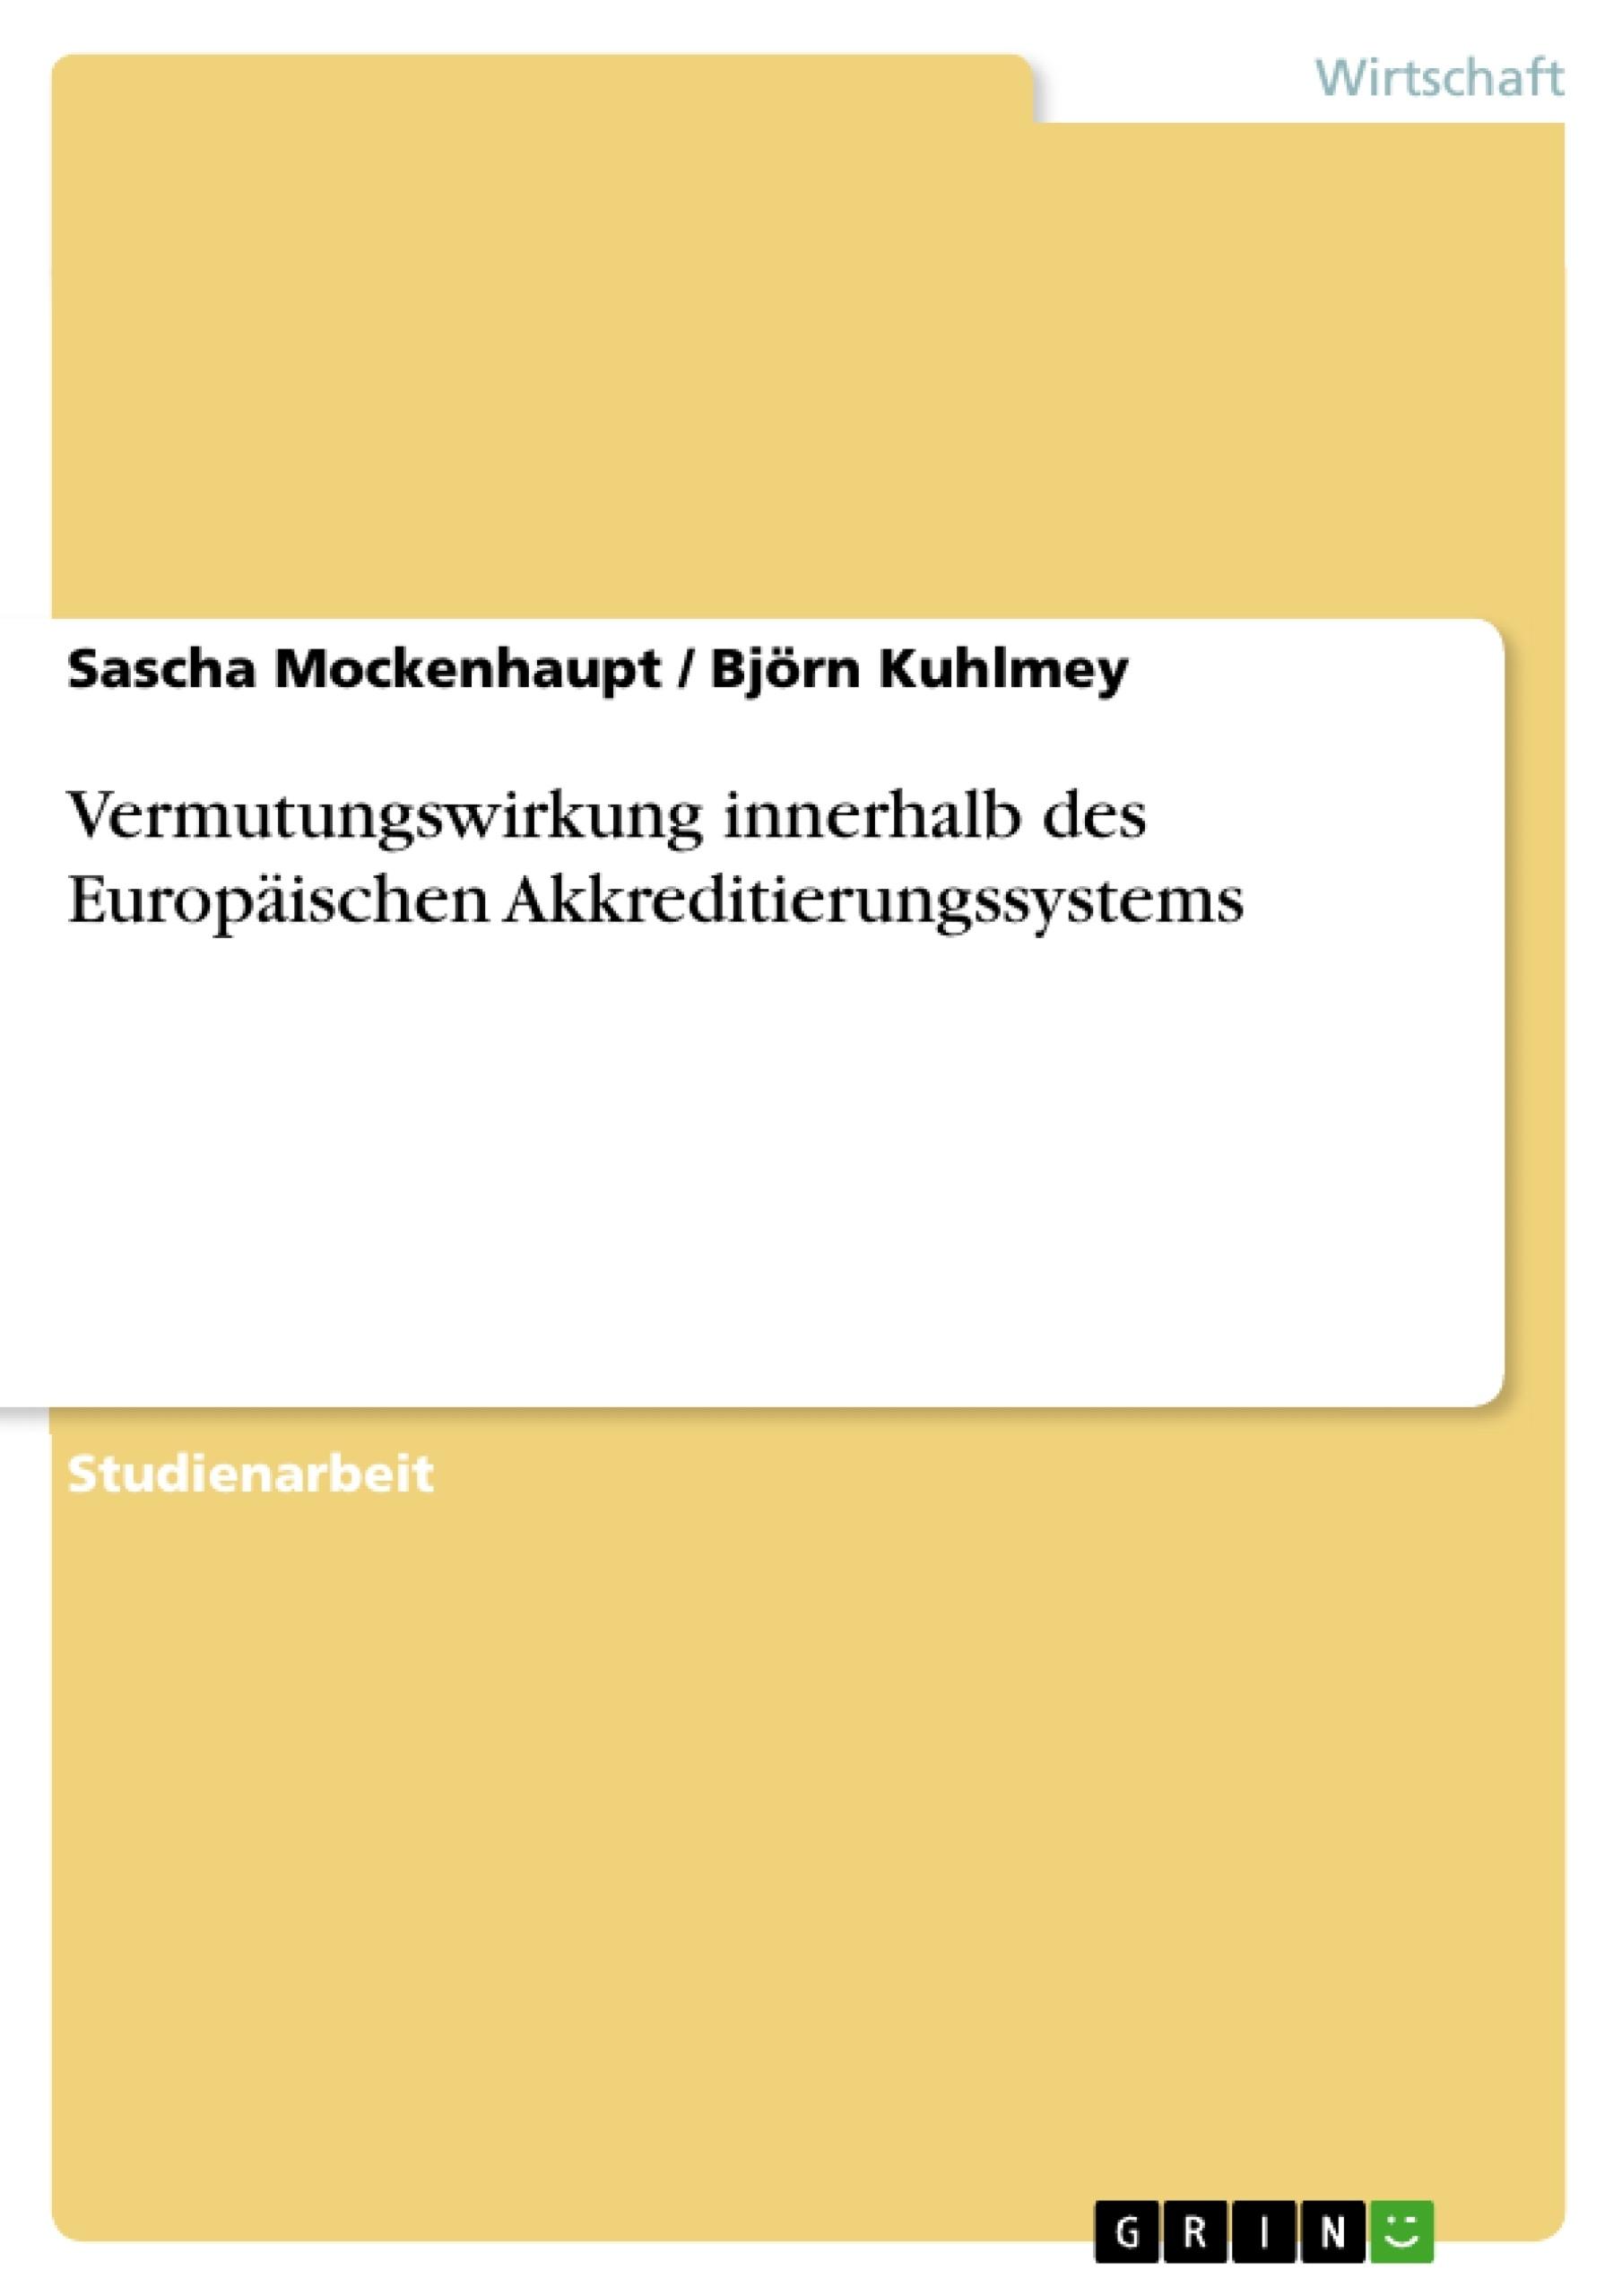 Titel: Vermutungswirkung innerhalb des Europäischen Akkreditierungssystems